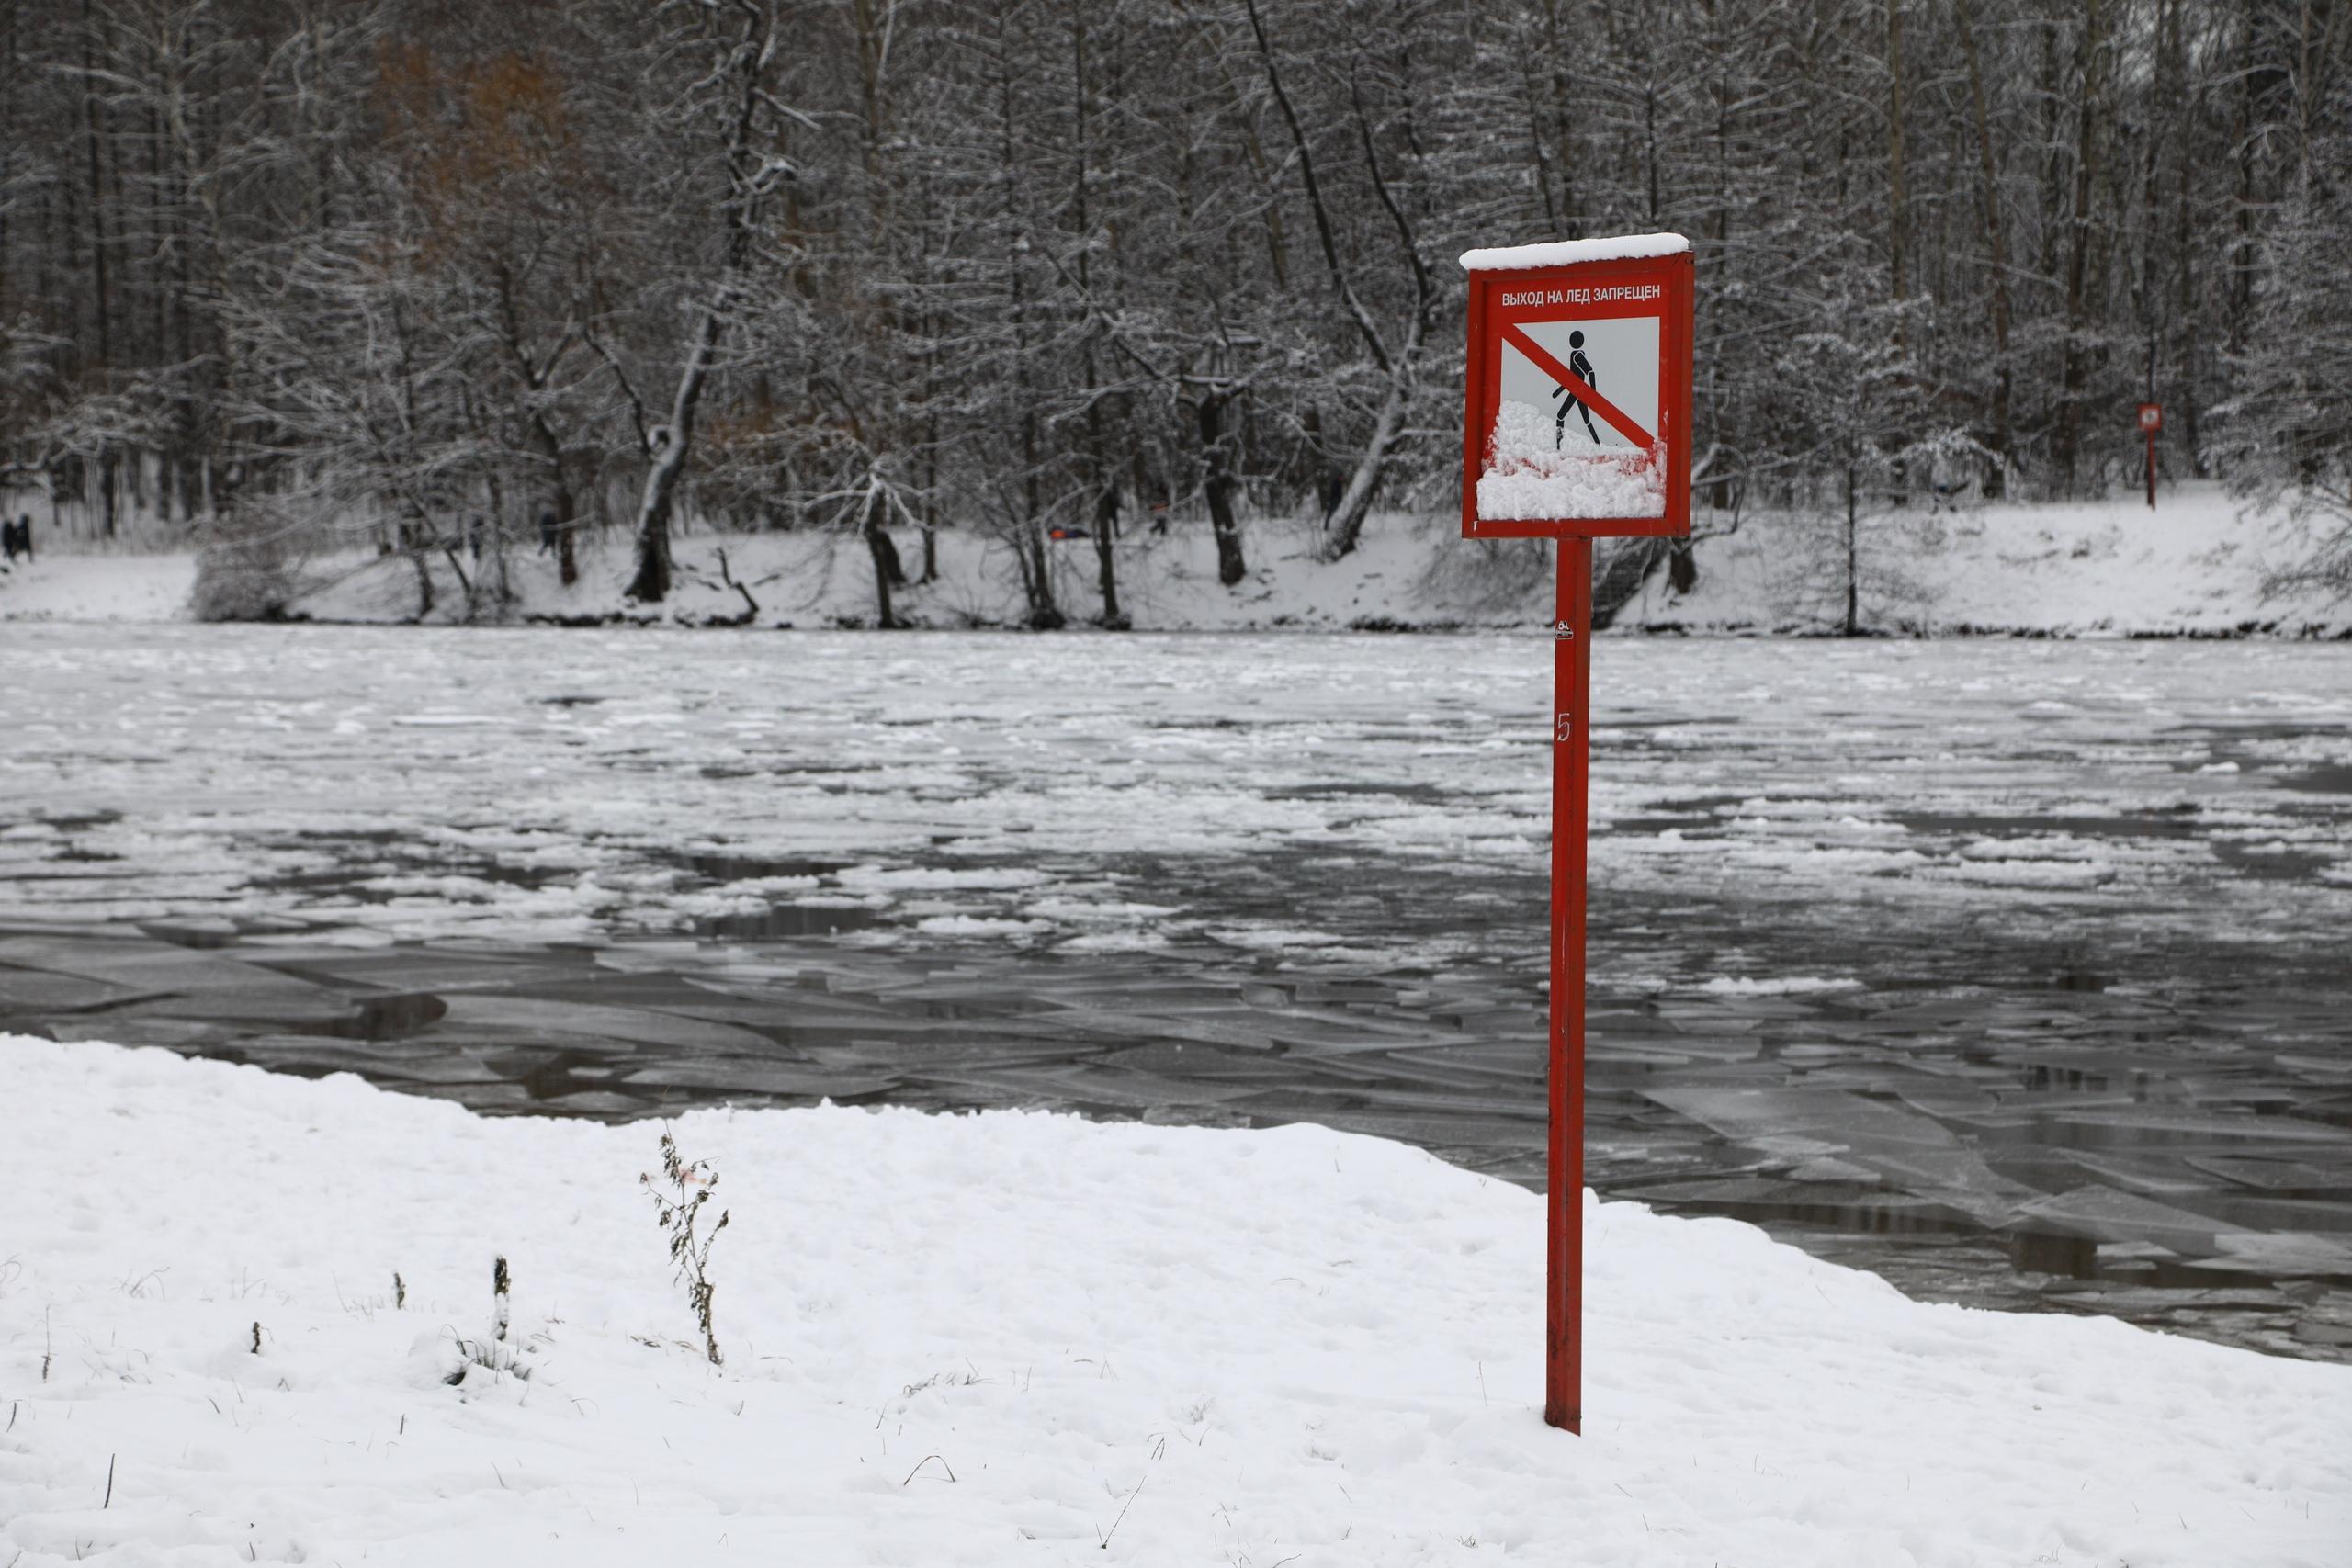 Жителей Южного округа столицы предупреждают об опасности тонкого льда